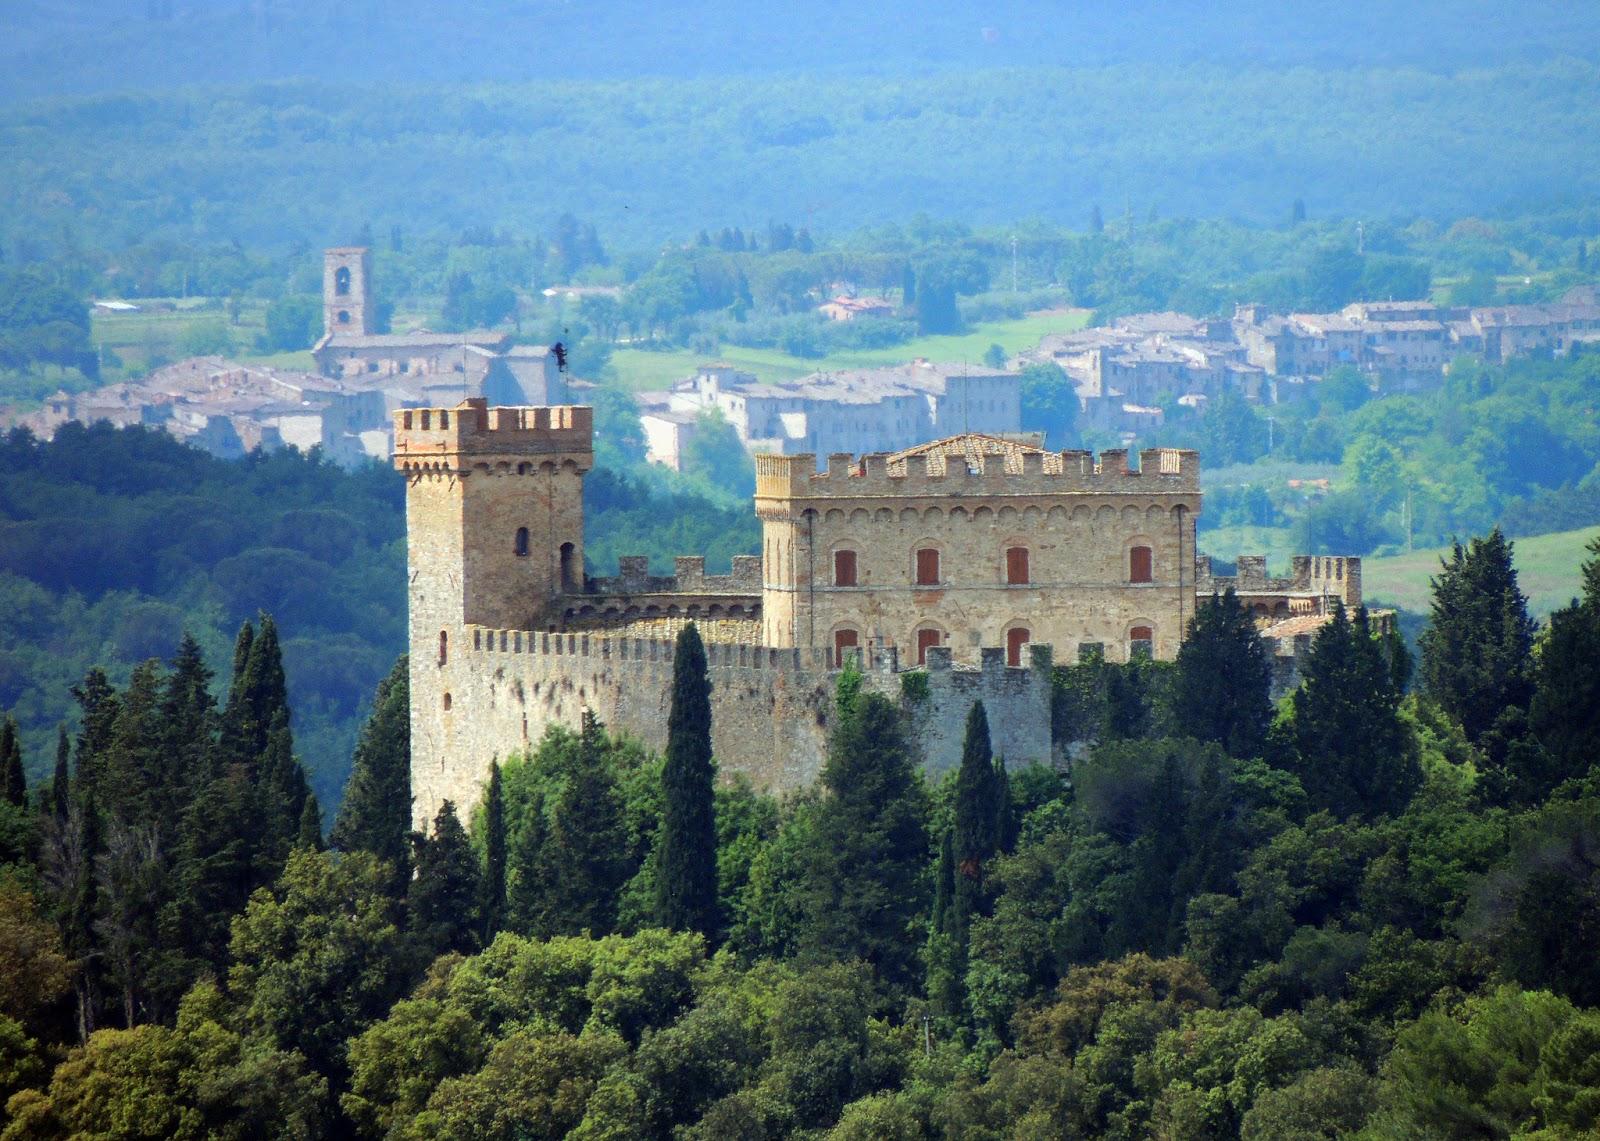 Il castello con Colle di Val d'Elsa in secondo piano